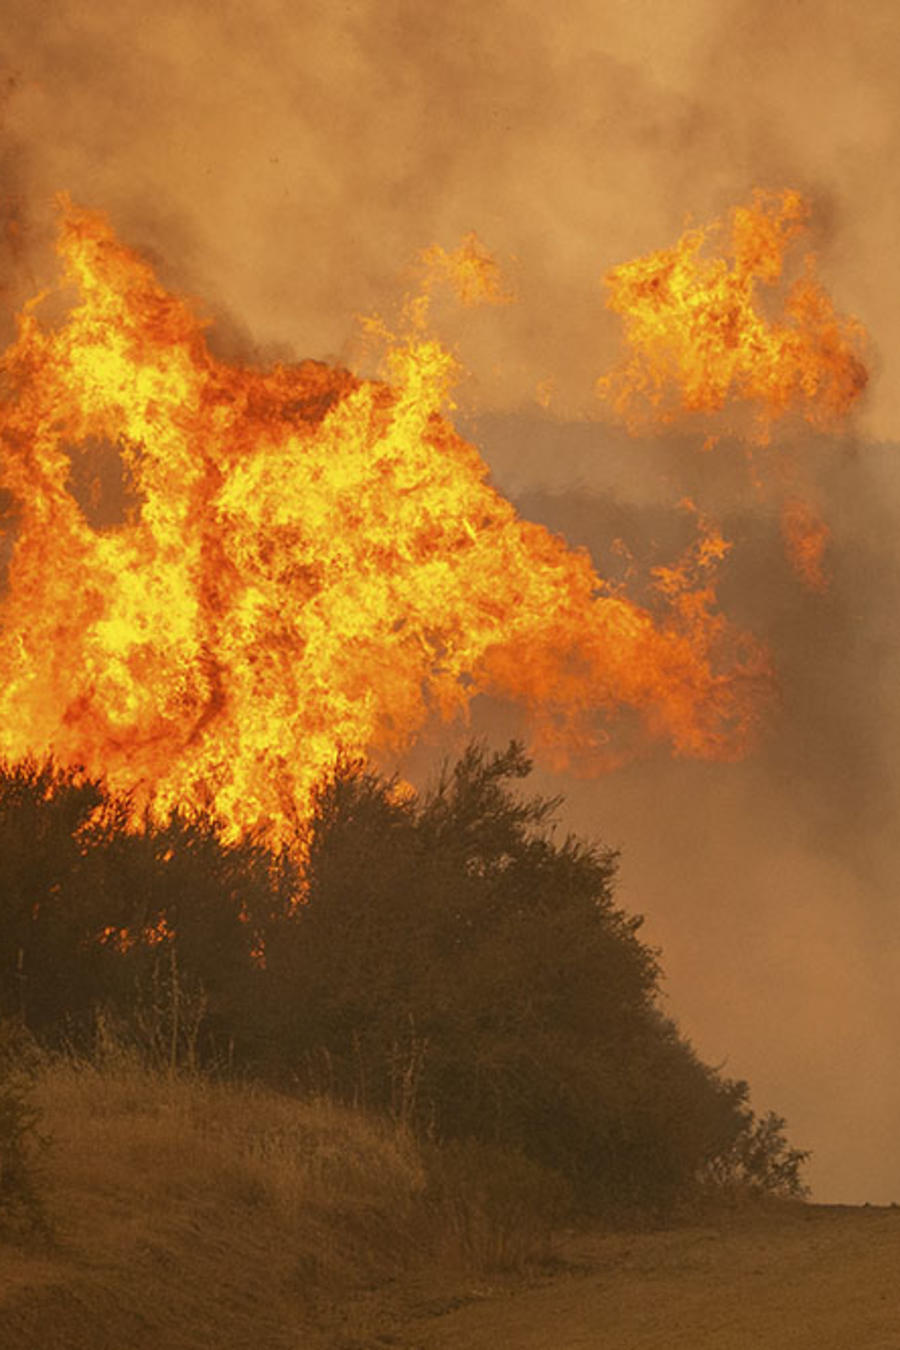 Un vehículo transita cerca de las llamas del incendio forestal que azota a Clearlake Oaks, en California.